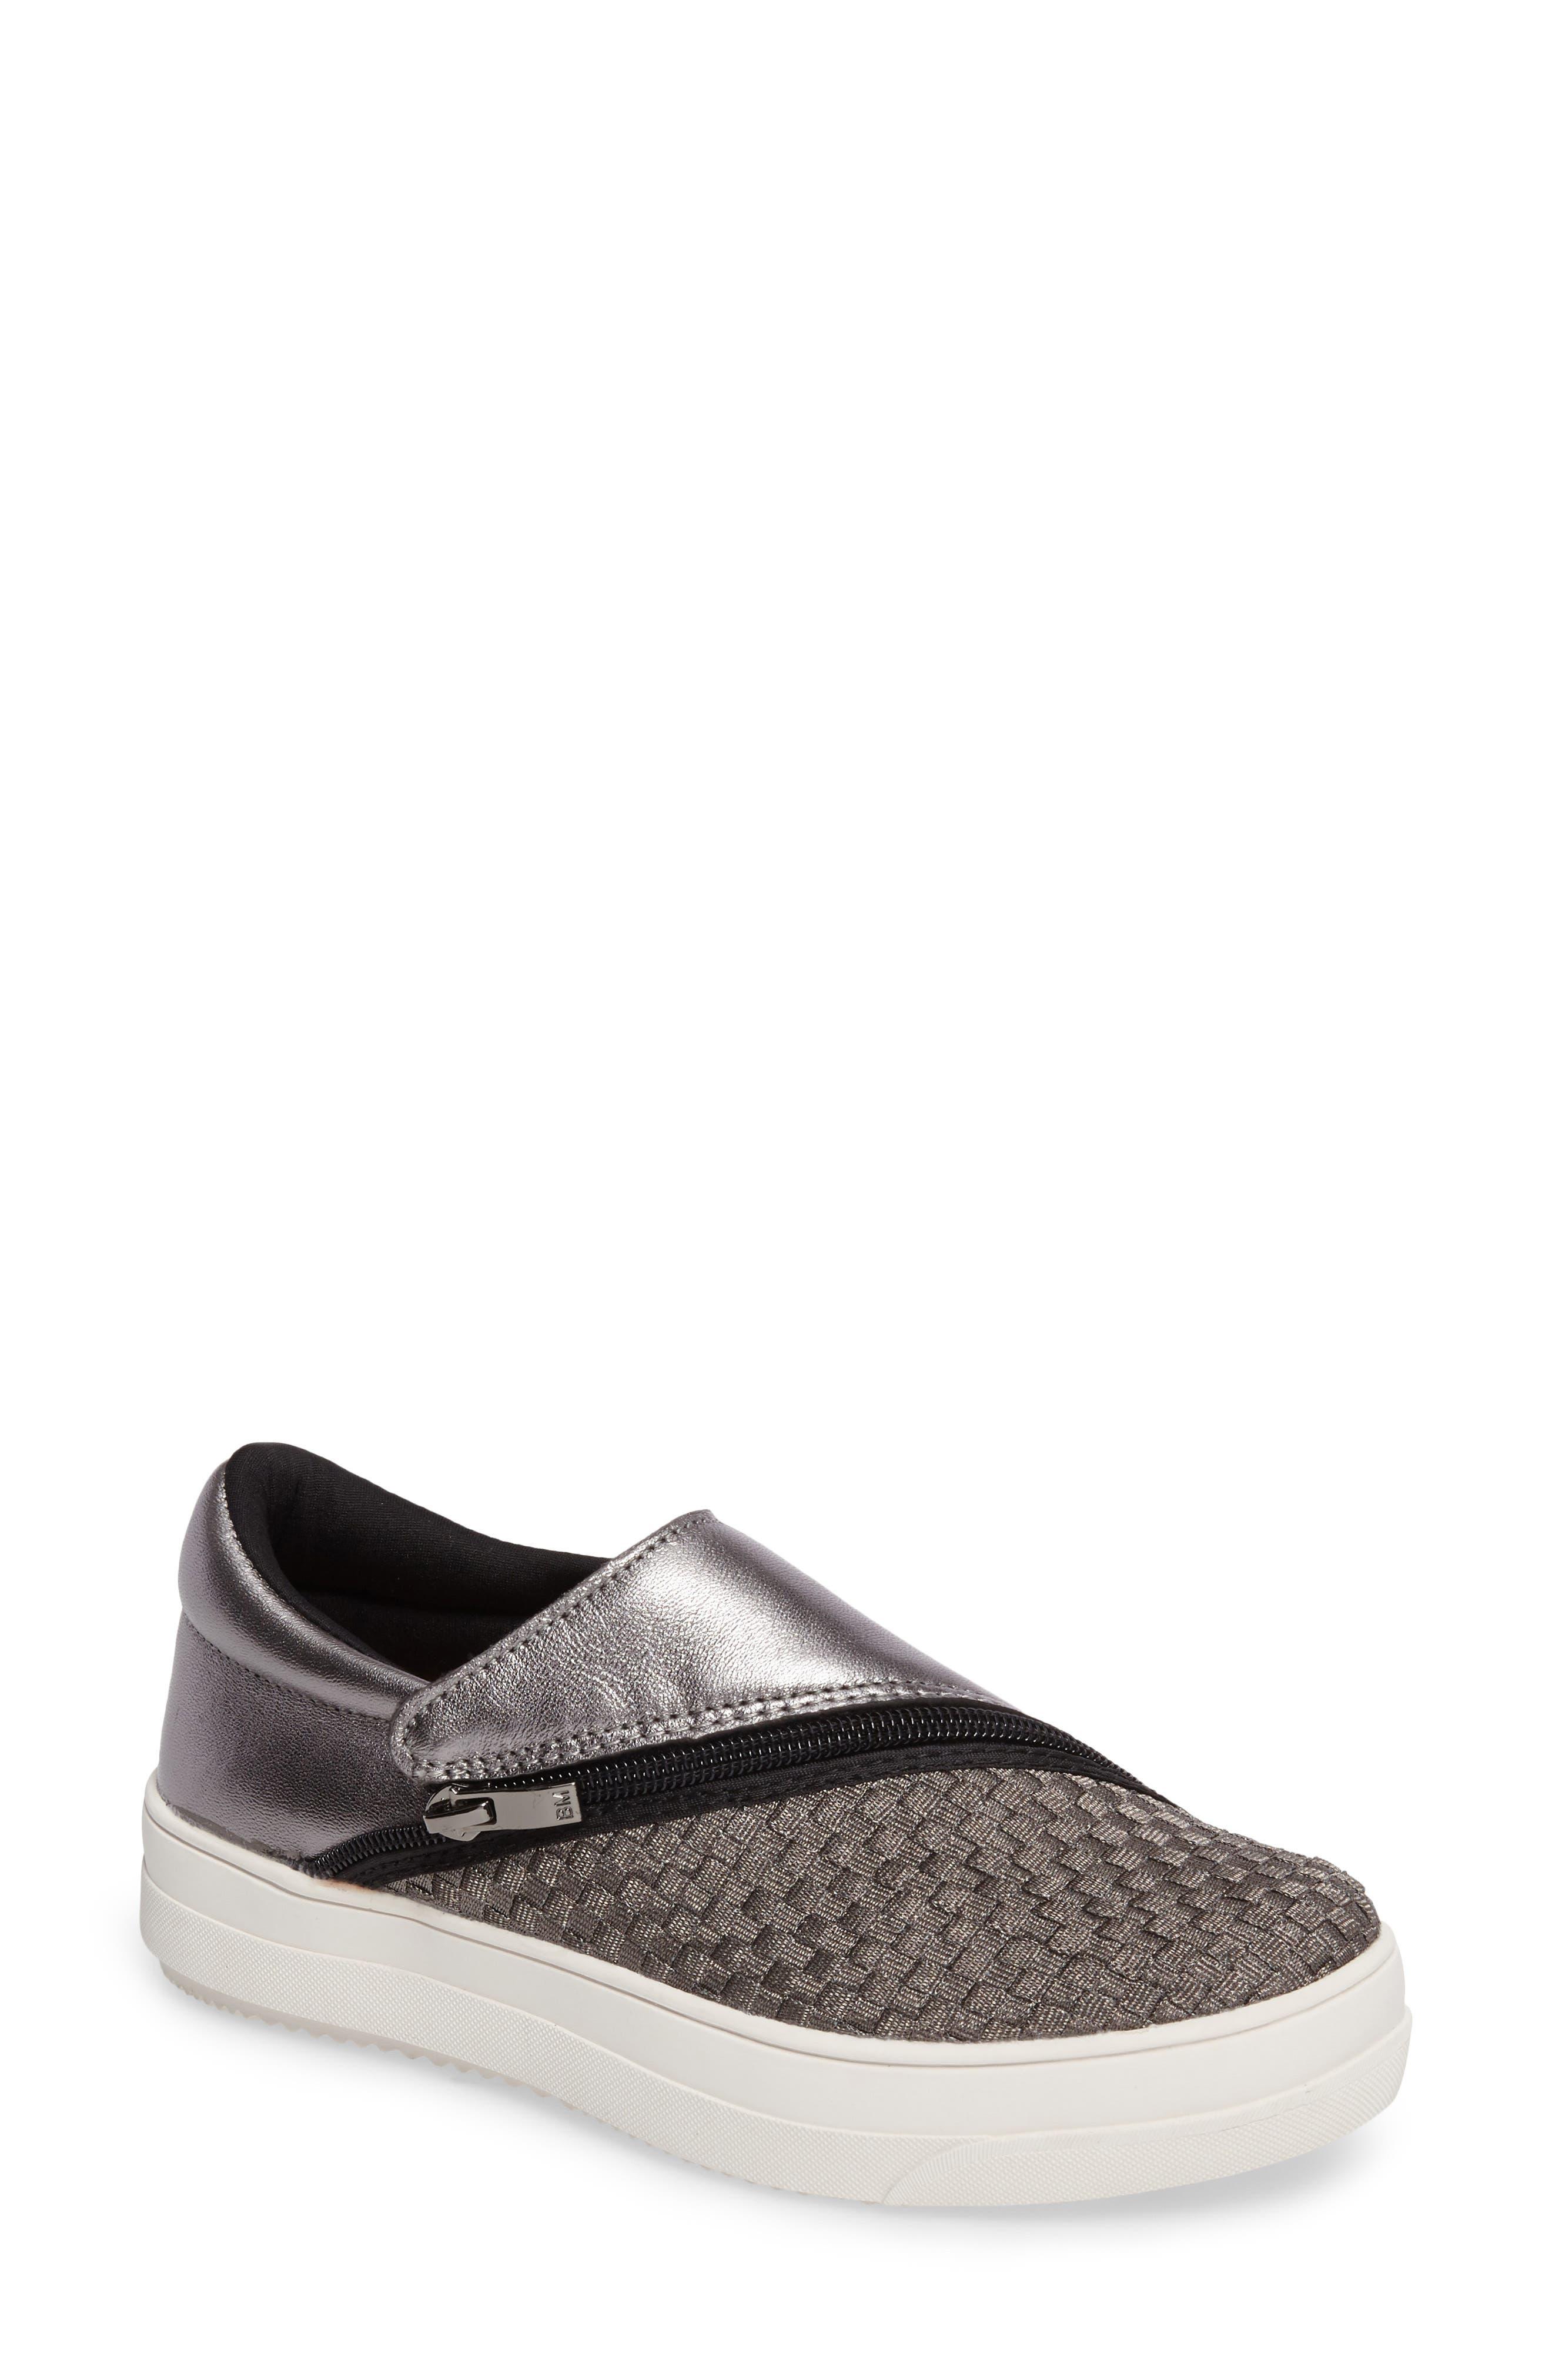 Bernie Mev Michelle Sneaker (Women)